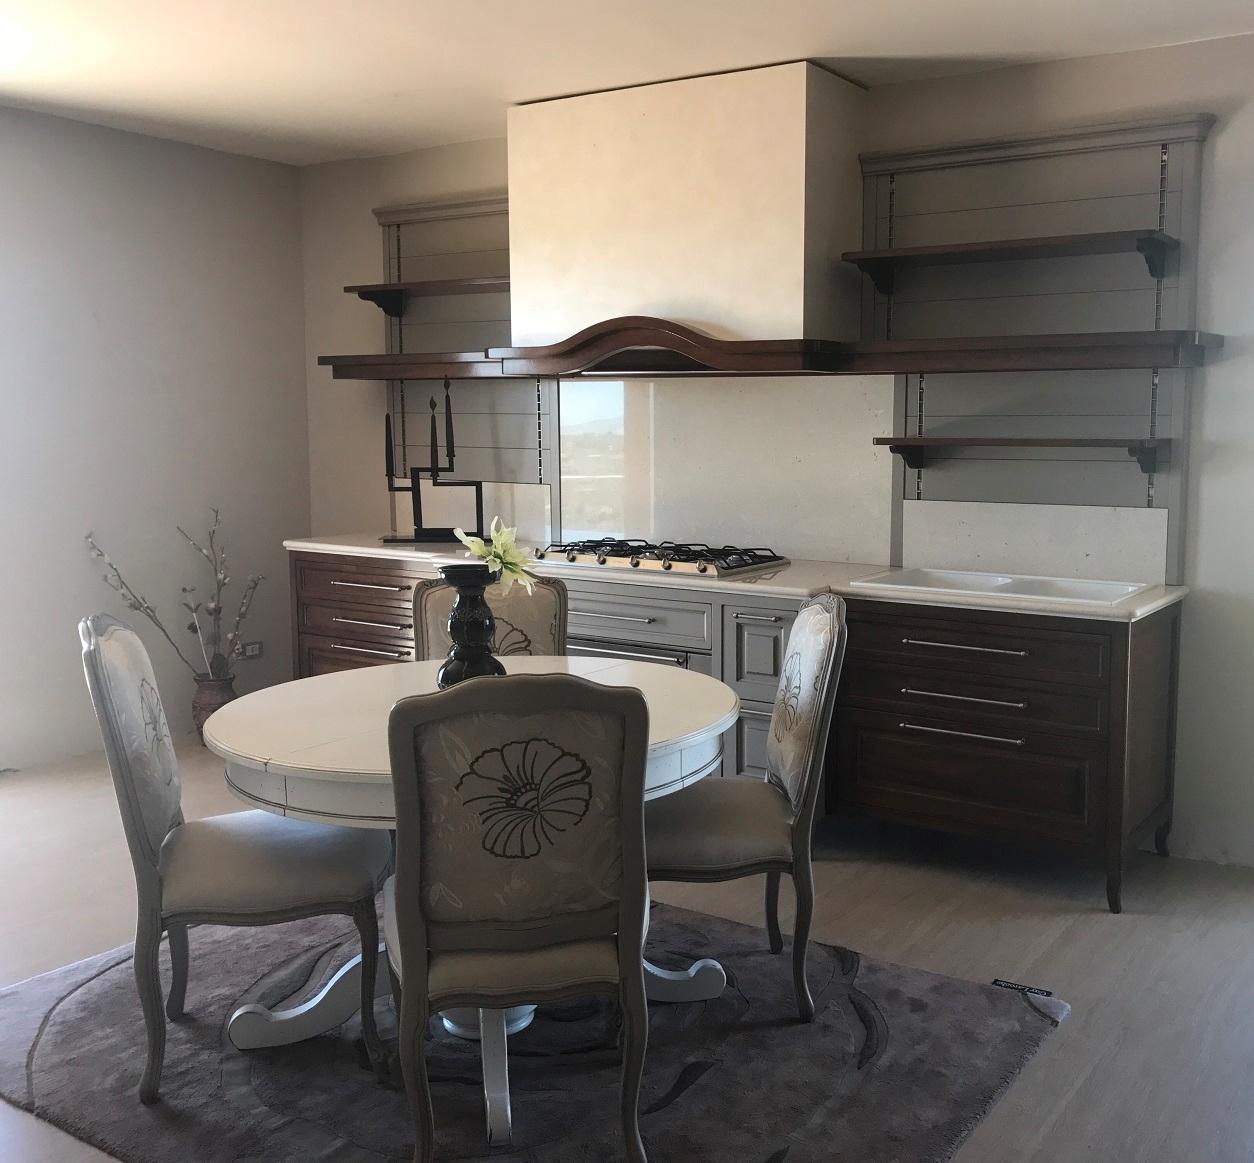 Cucina classica renier mobili baron legno massello noce - Cucine baron prezzi ...